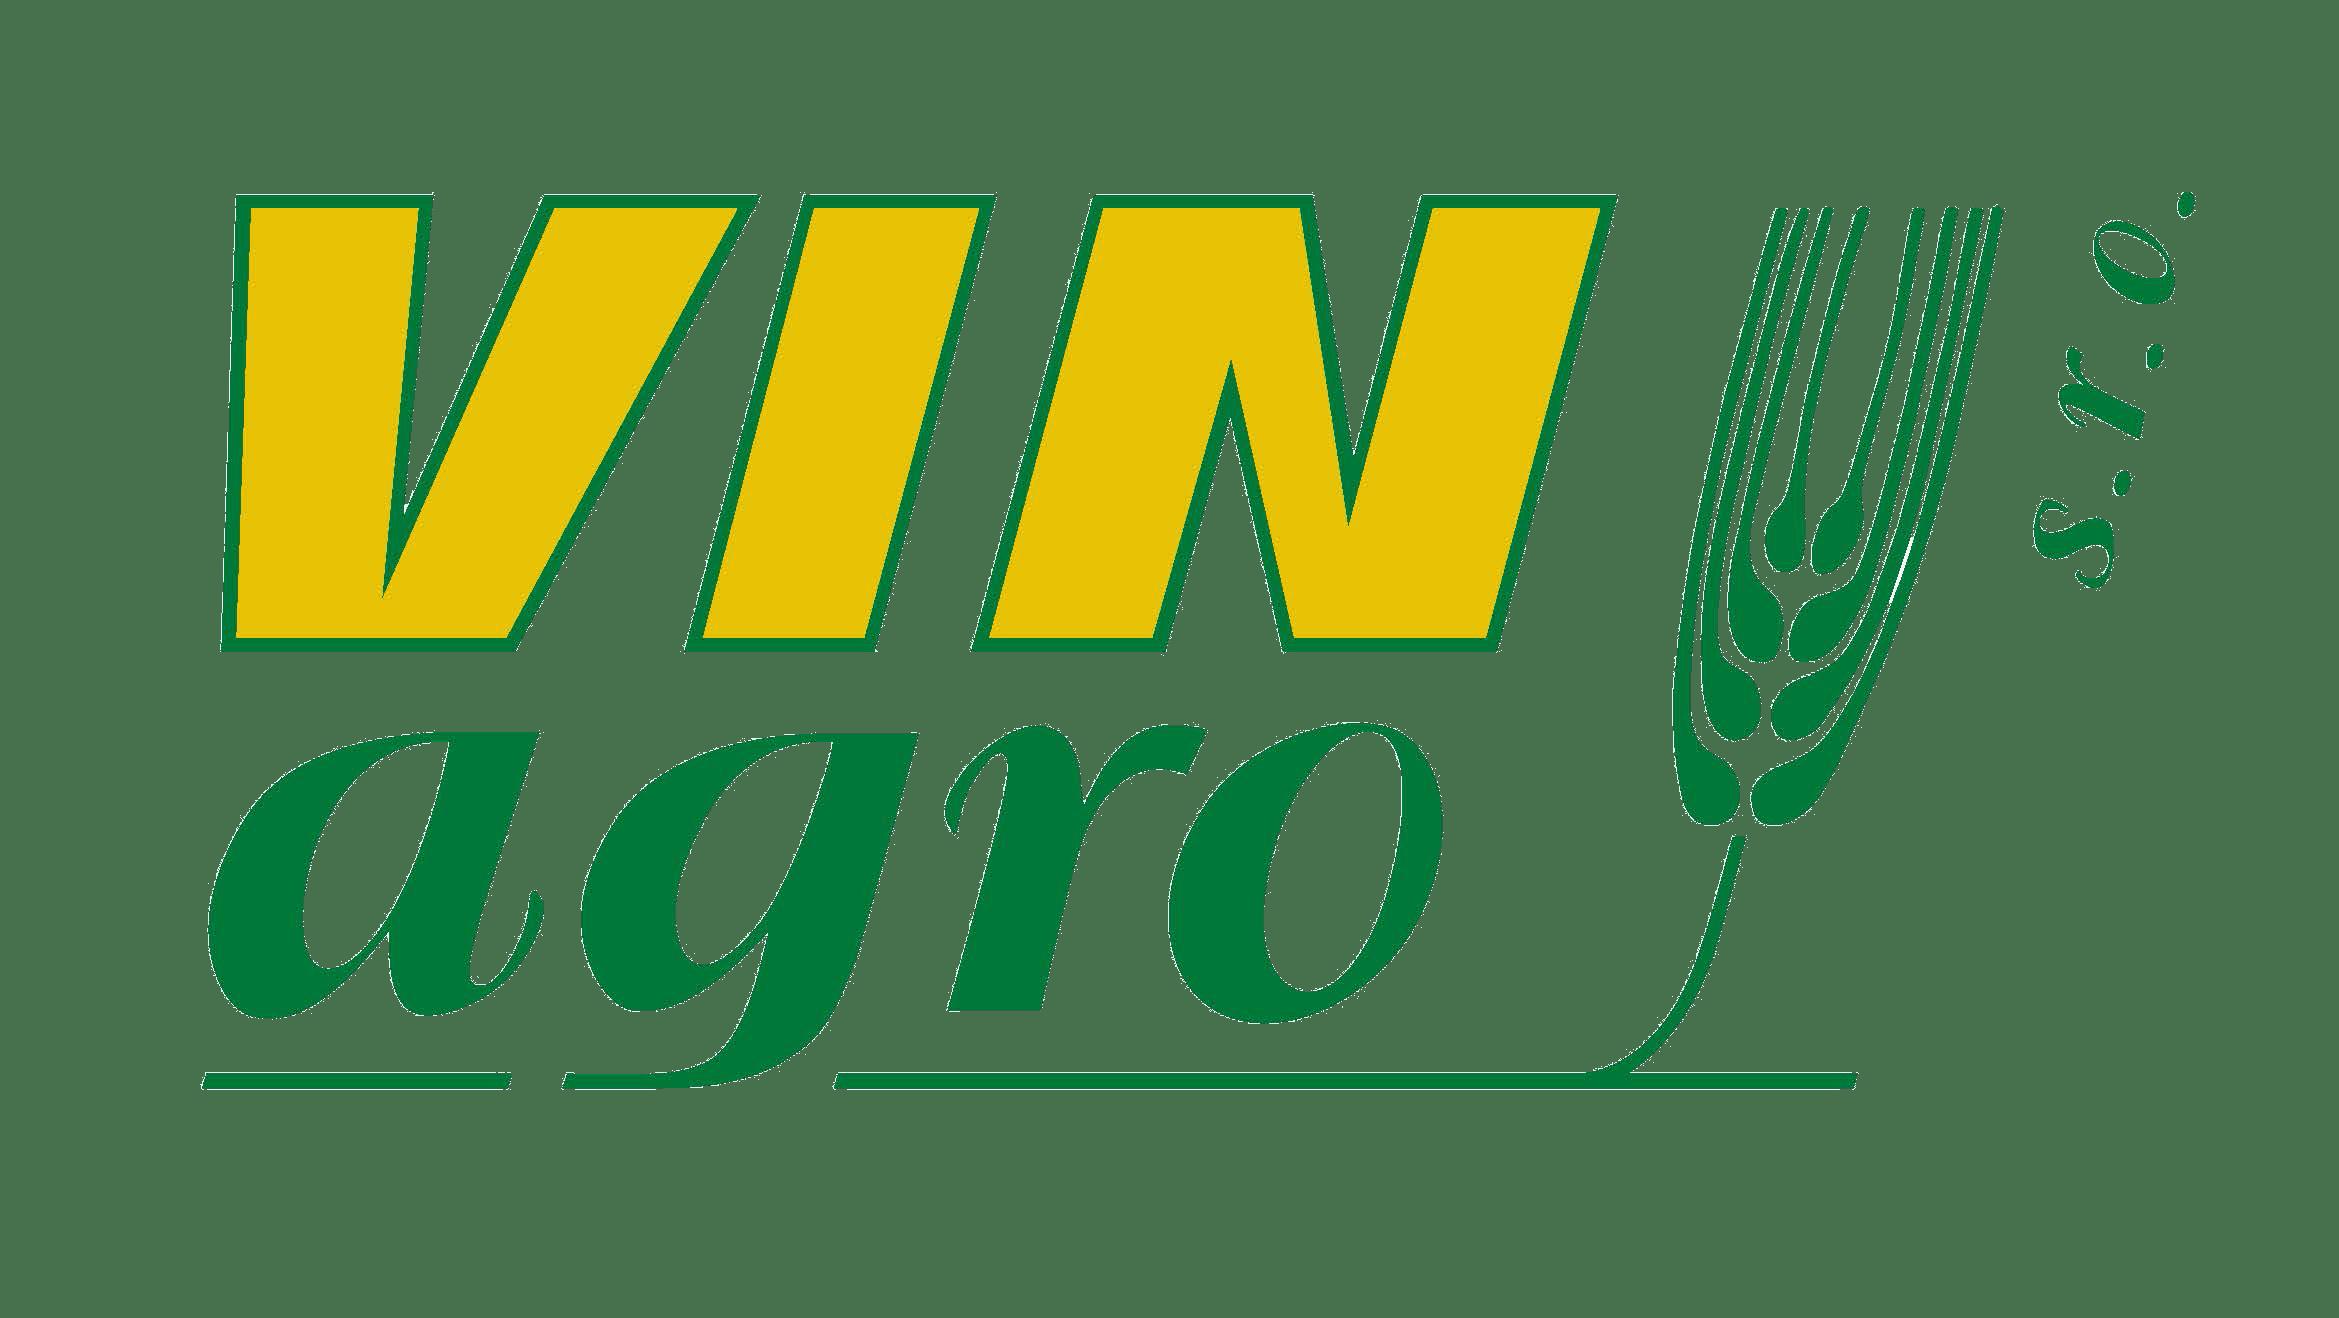 logo vin agro yellow